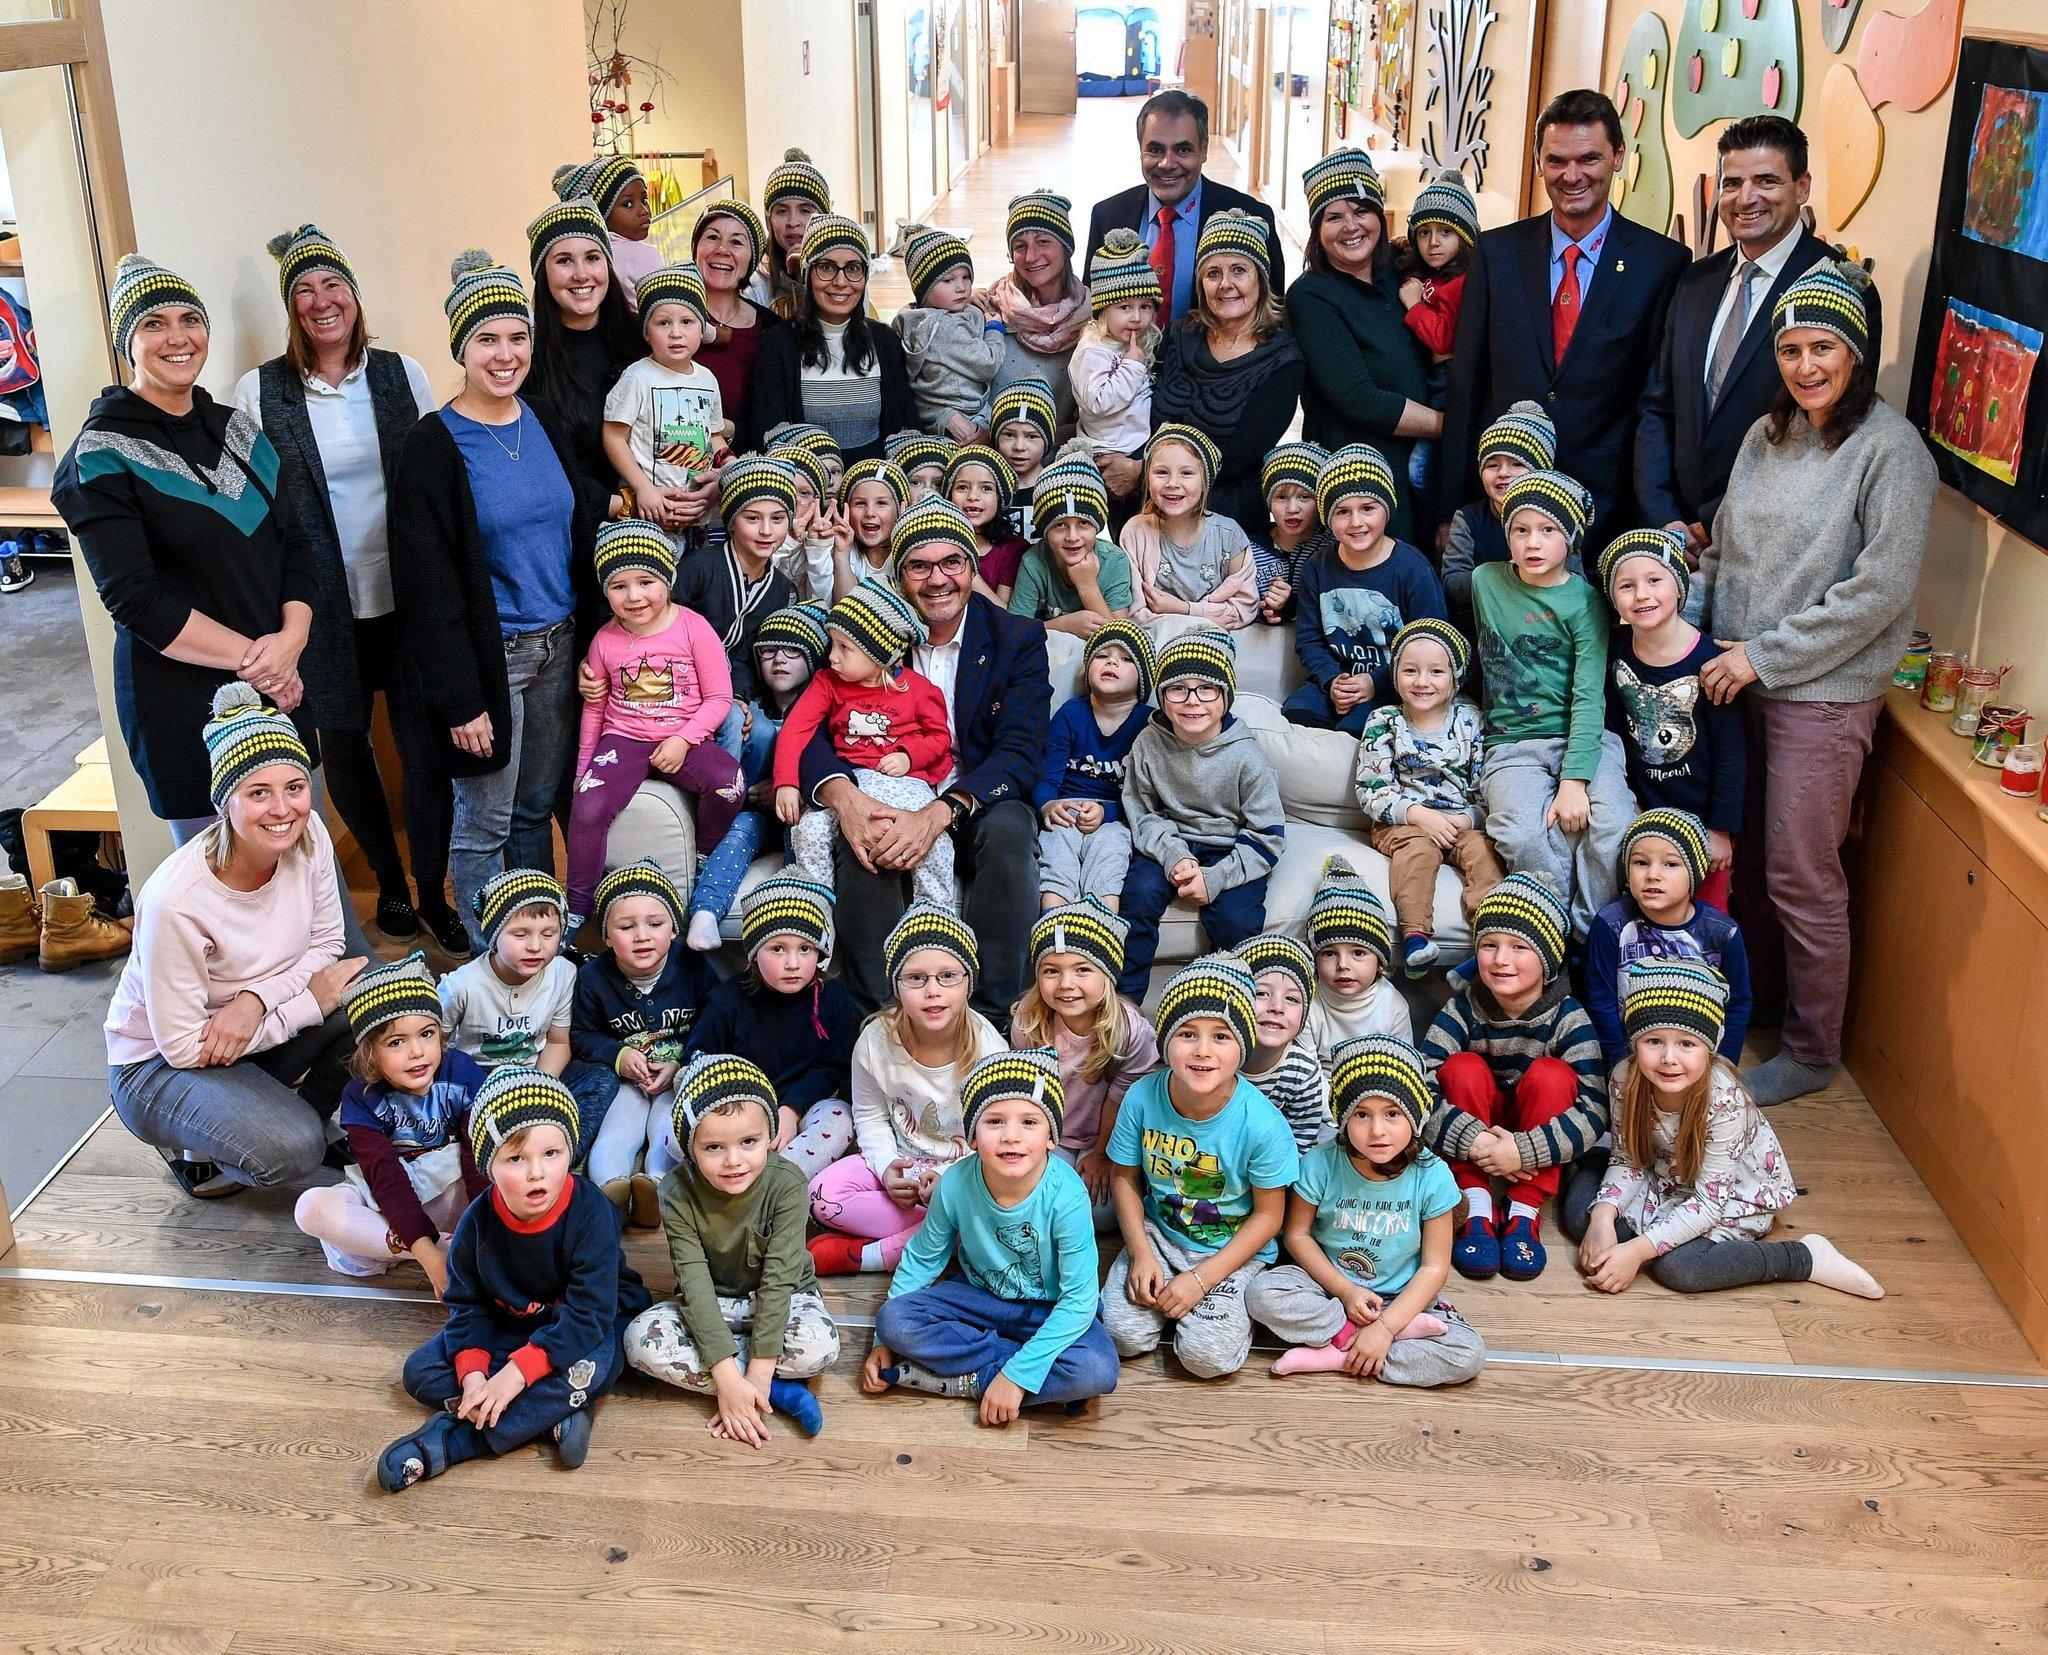 Sicherheitsaktion im Kindergarten Seefeld: Eure Sicherheit liegt uns am Herzen - meinbezirk.at